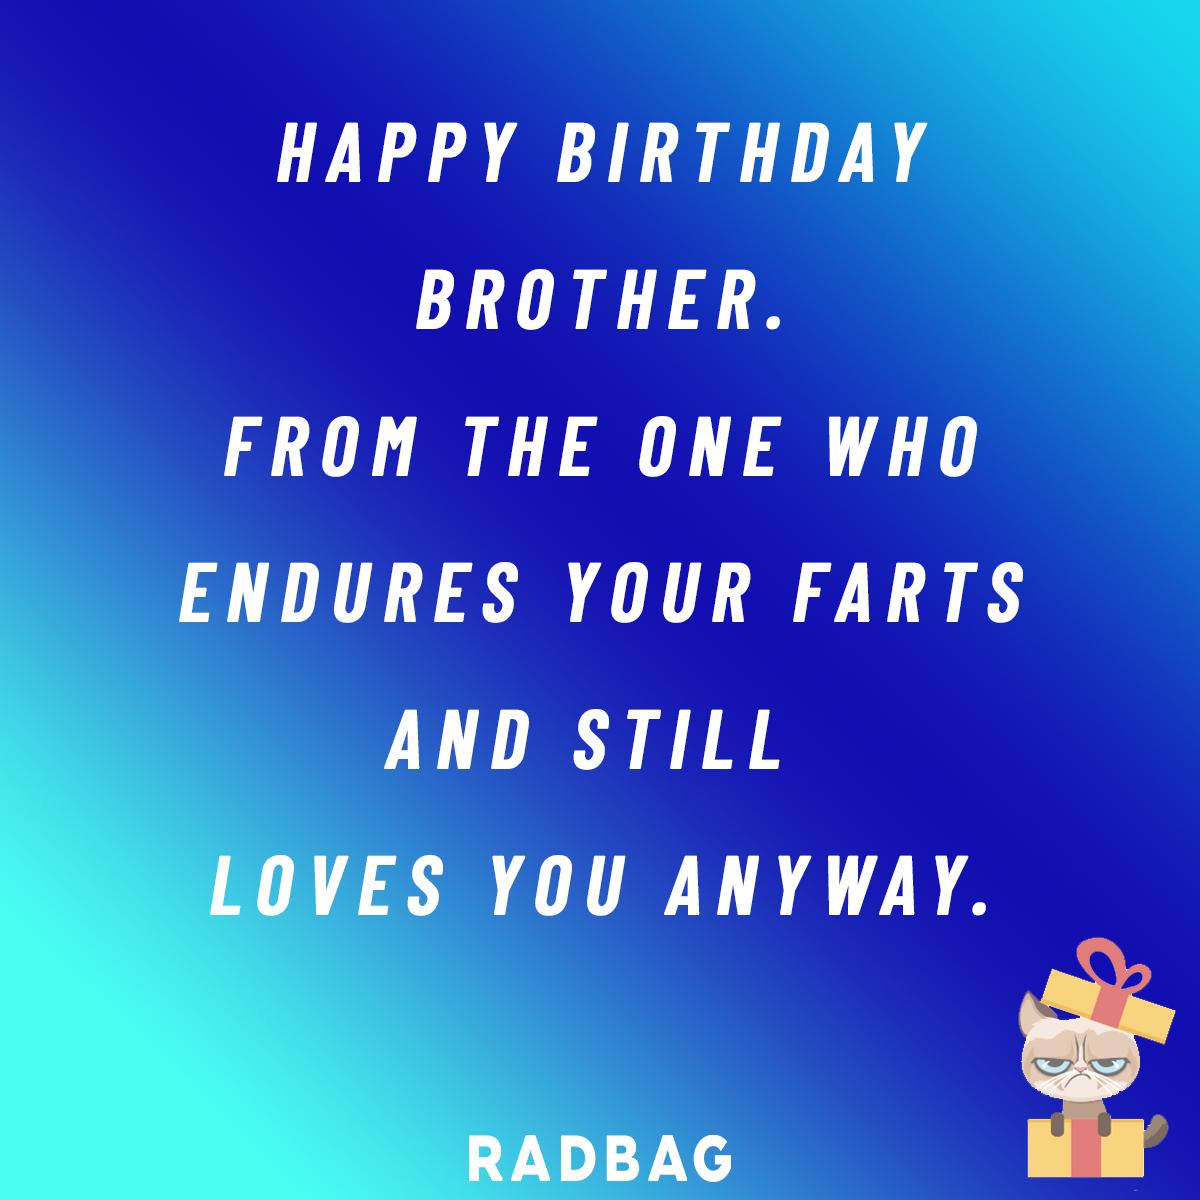 Gelukkige Verjaardag Broer De Leukste Geschenken Spreuken